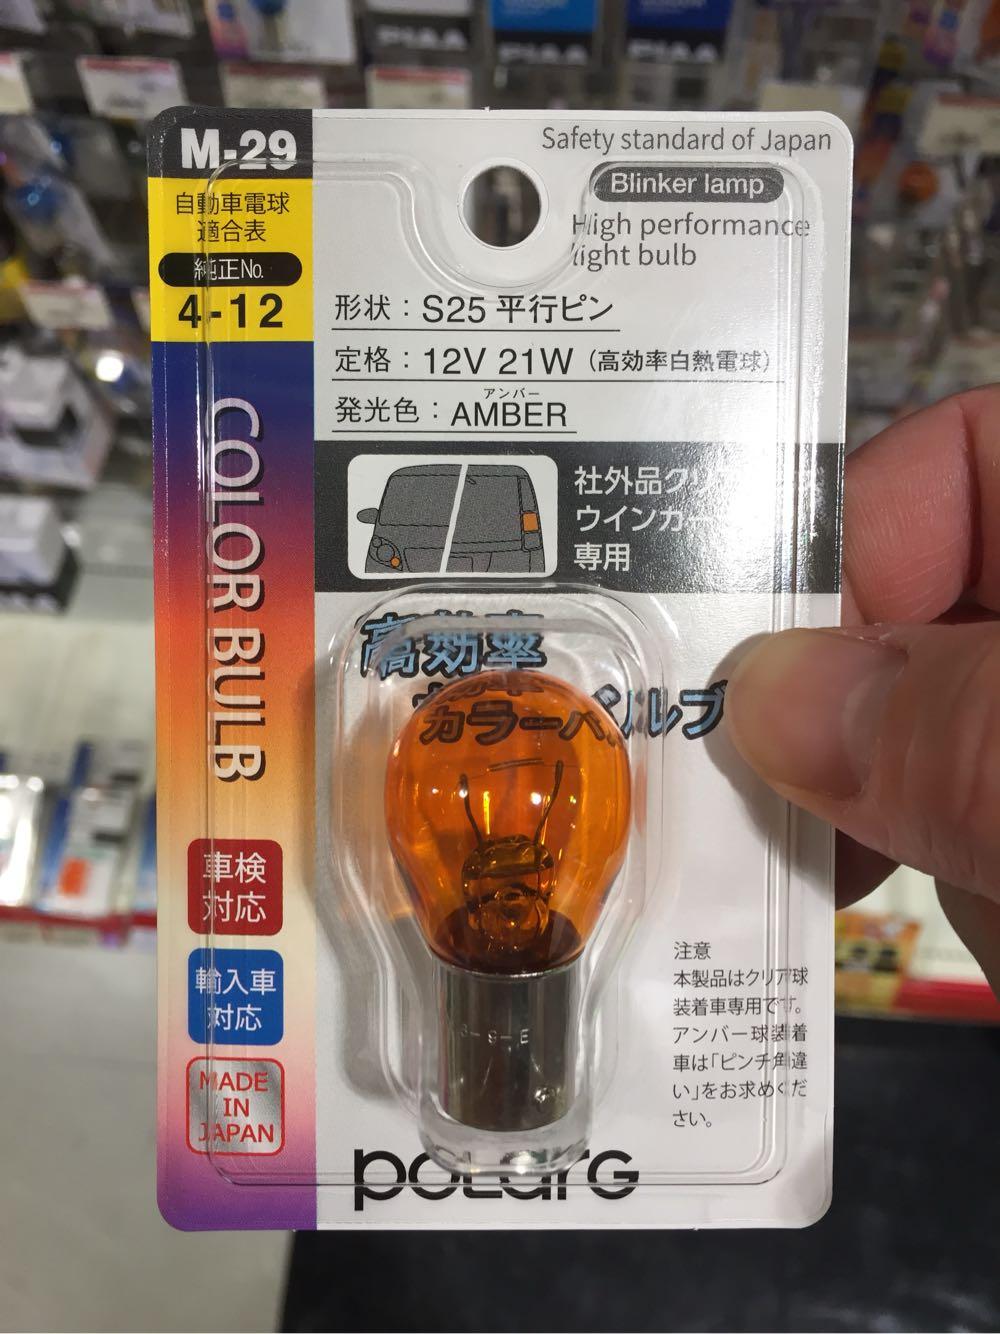 バーストナーの方向指示器灯